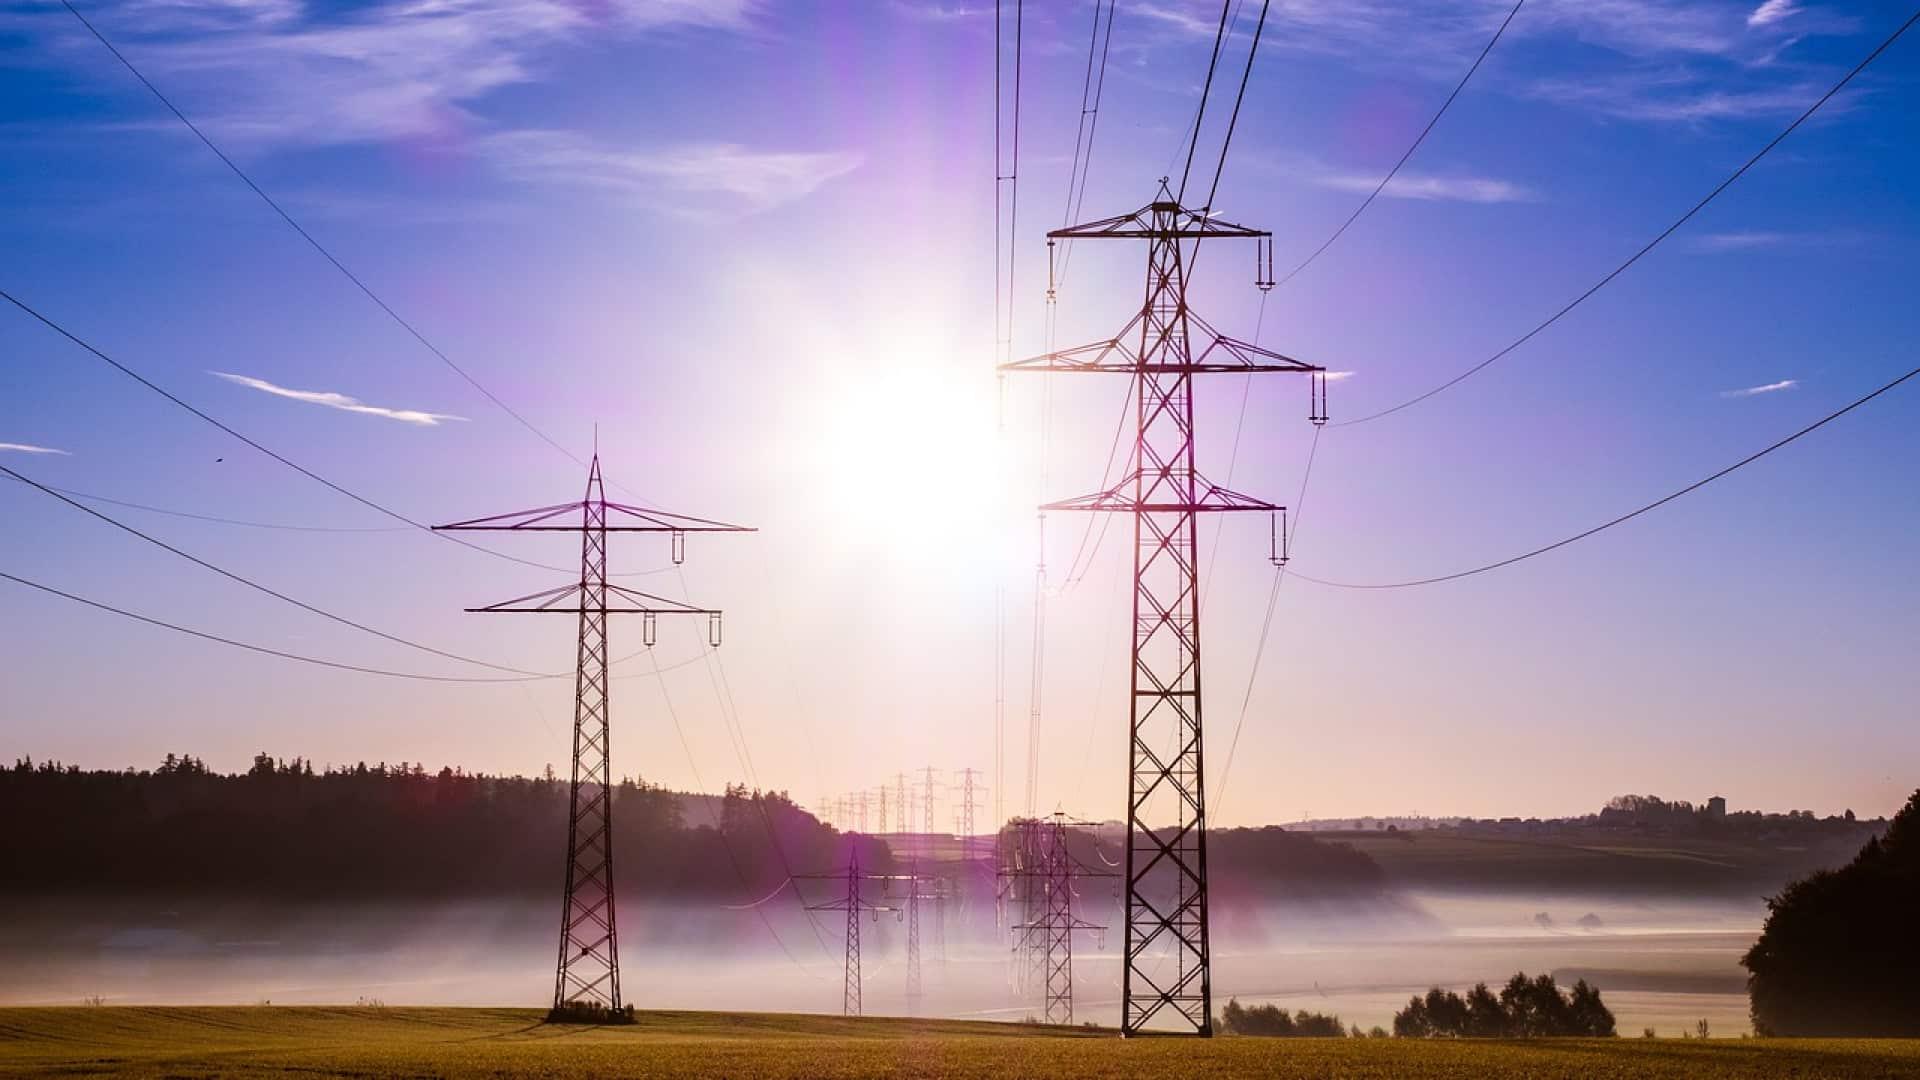 Entreprises : pourquoi passer par un courtier pour son offre d'énergie ?